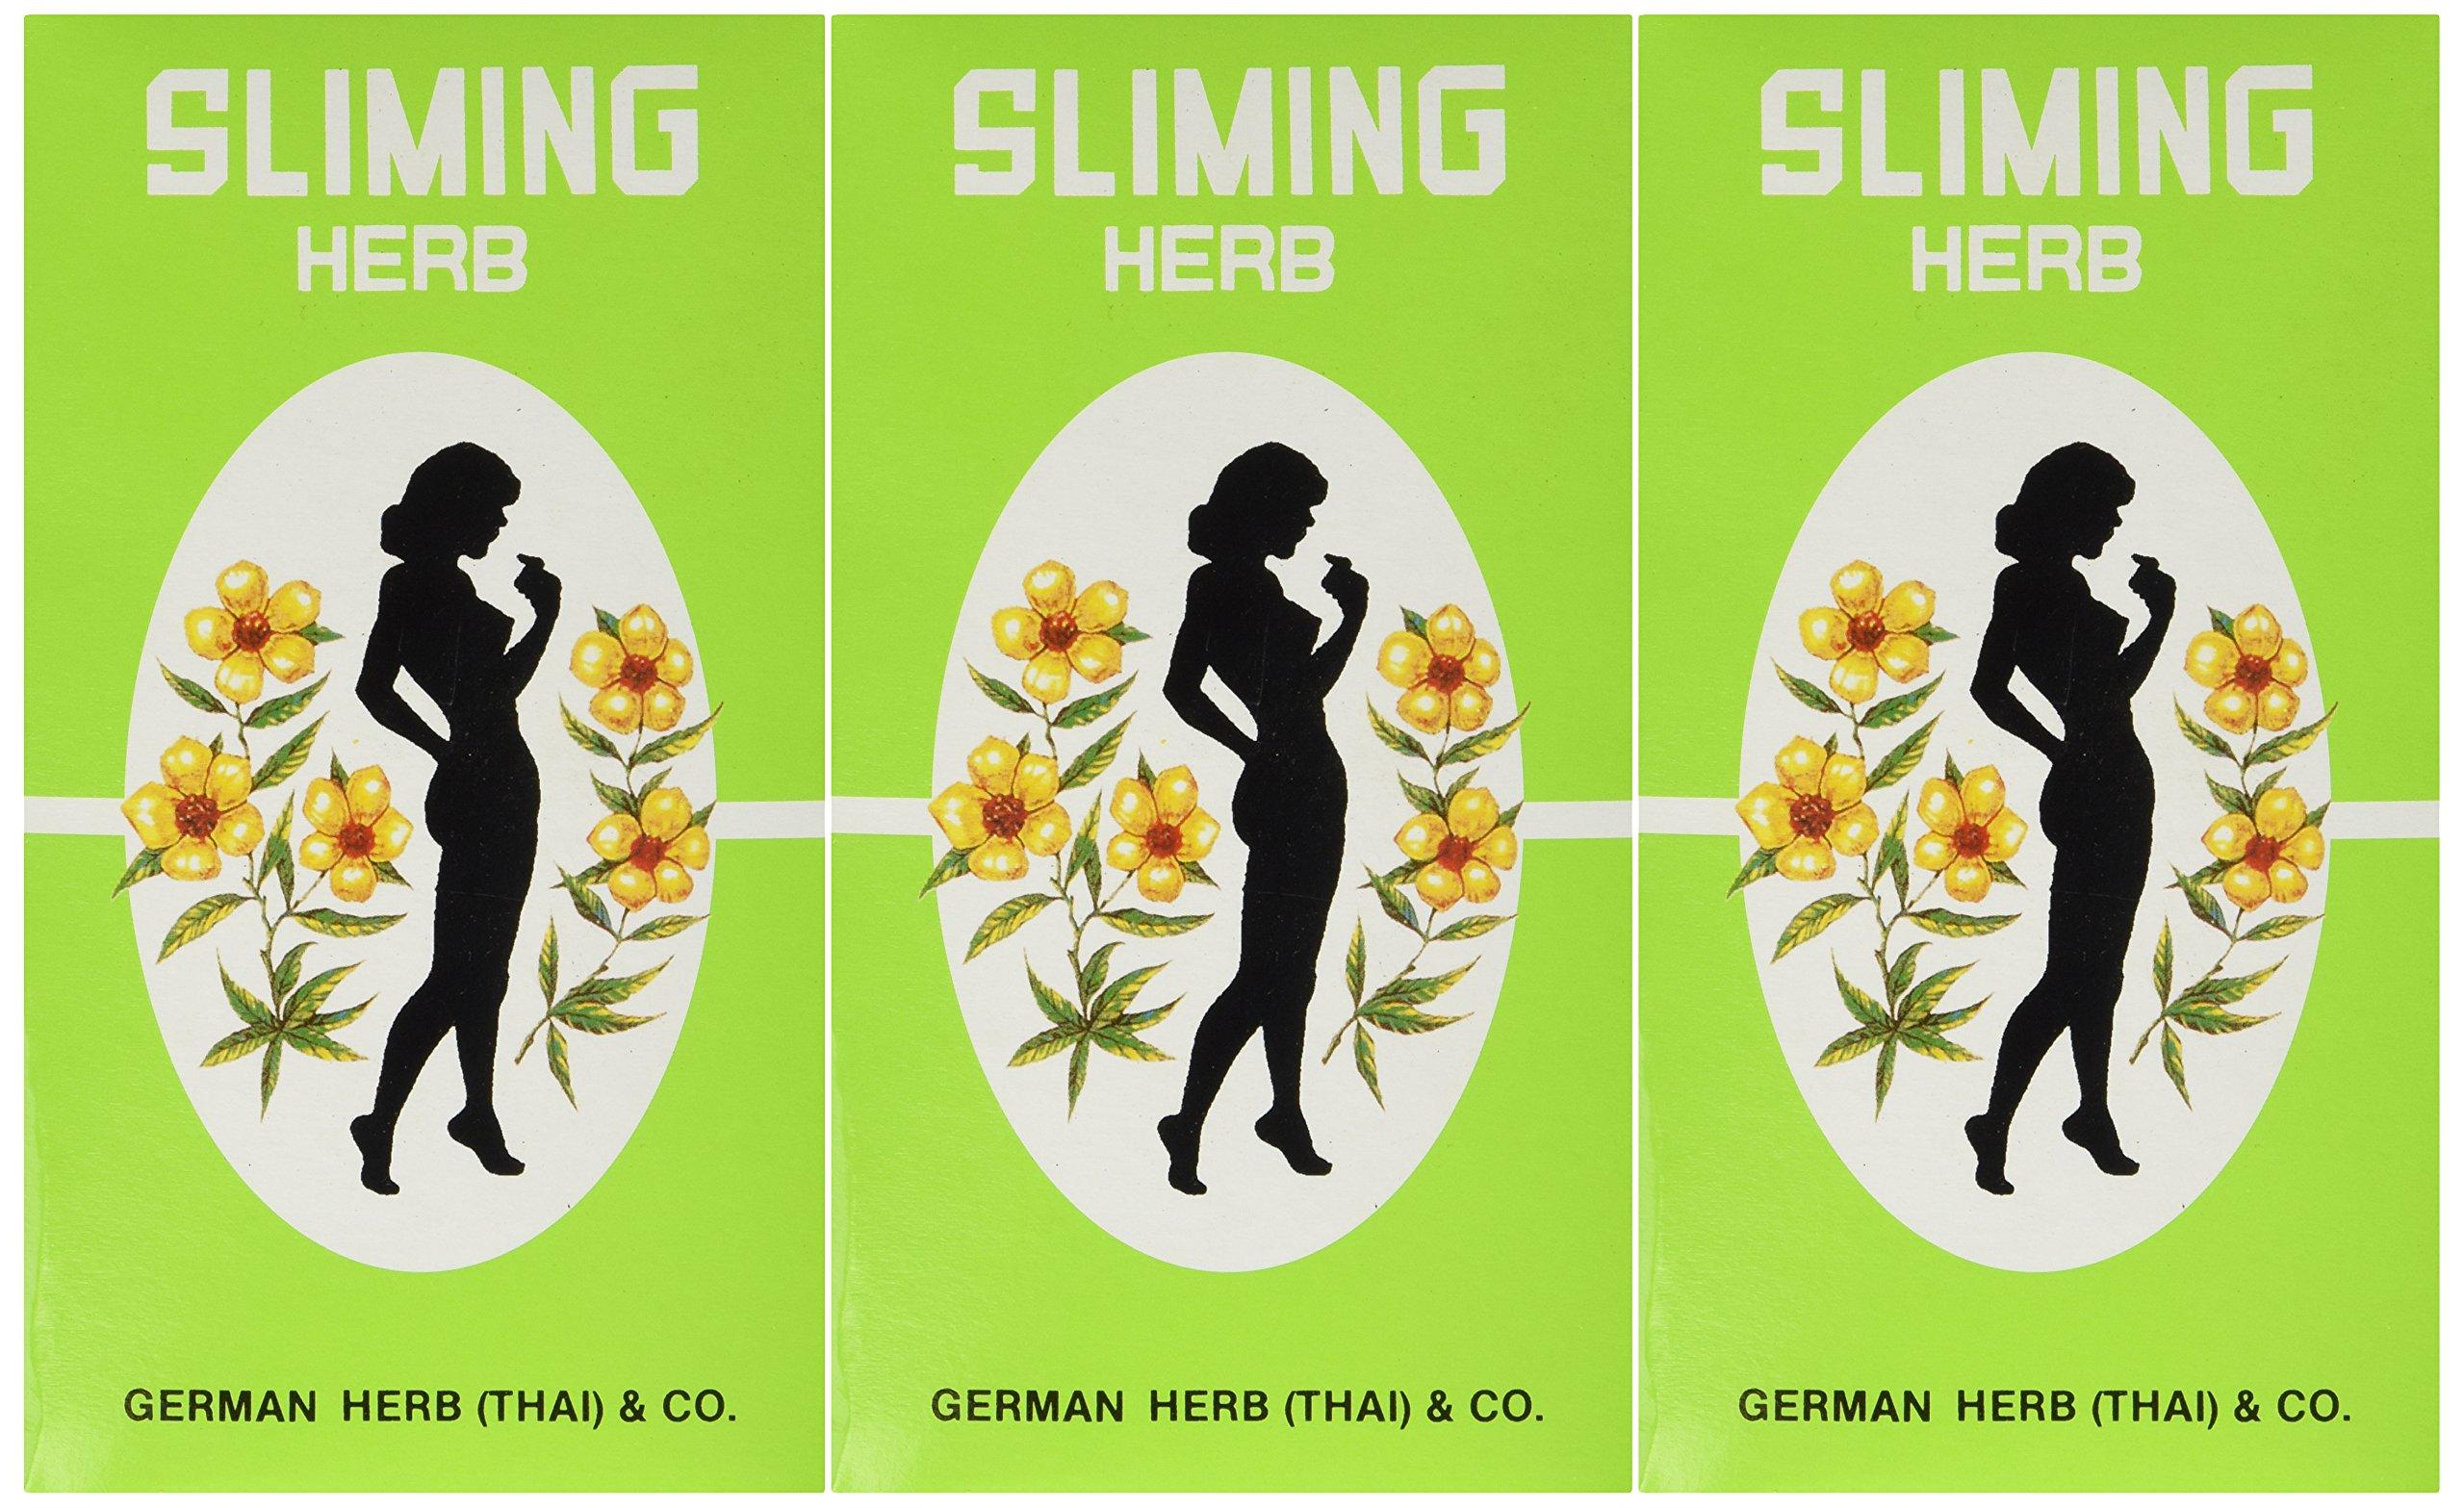 (3 PACKS)50 Bags Slimming German Herb Sliming Tea Lose Weight Burn Diet Slim Fit Fast Detox